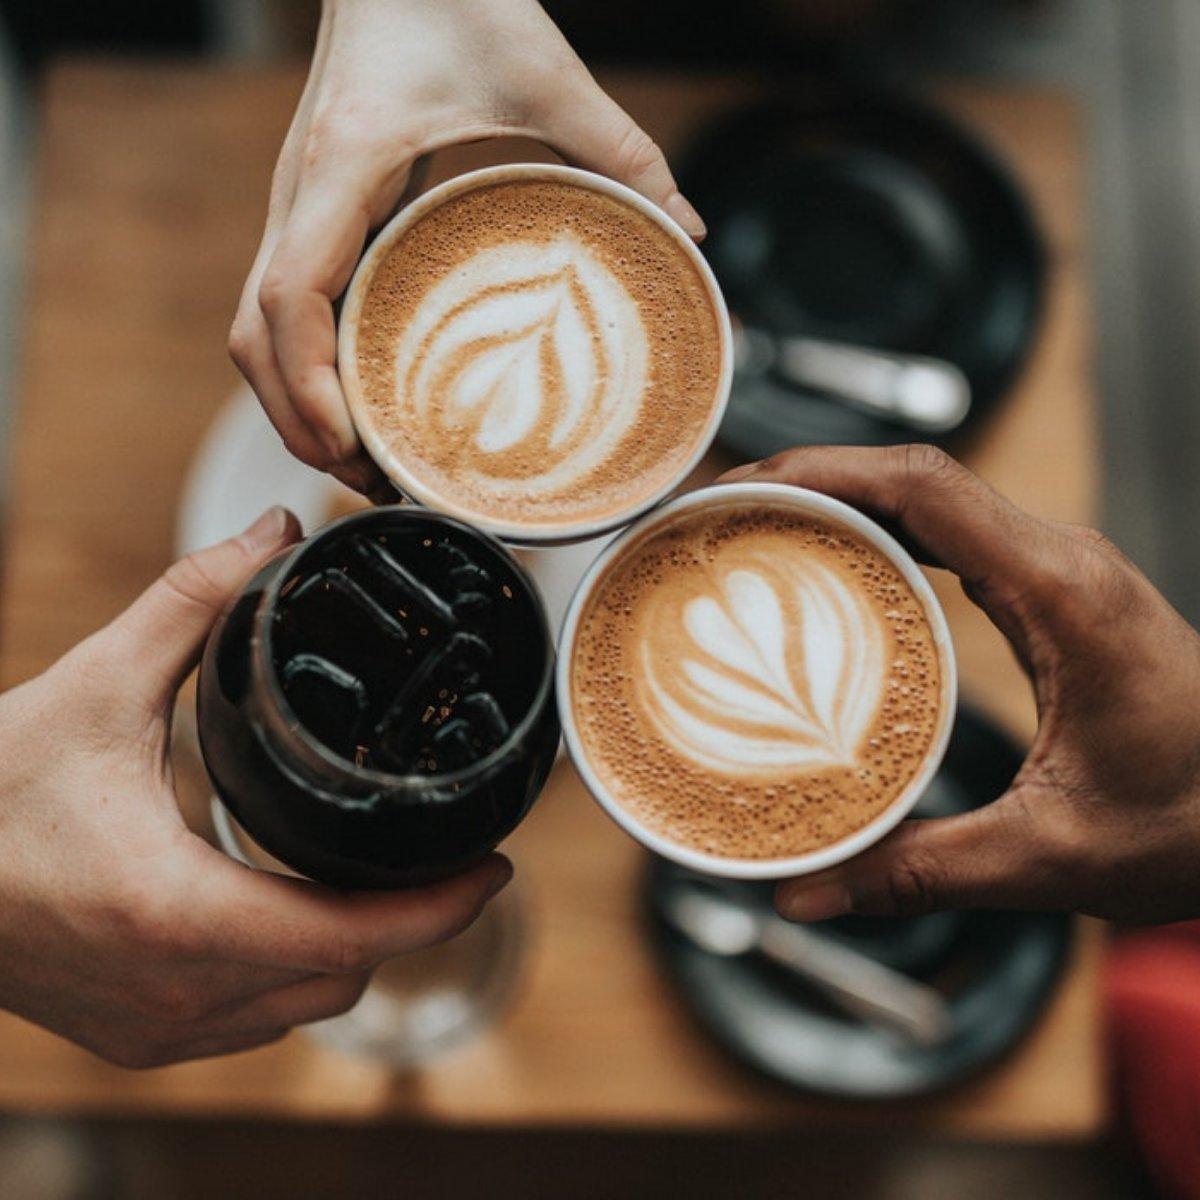 cafe-cafeisme-cafeine-addiction